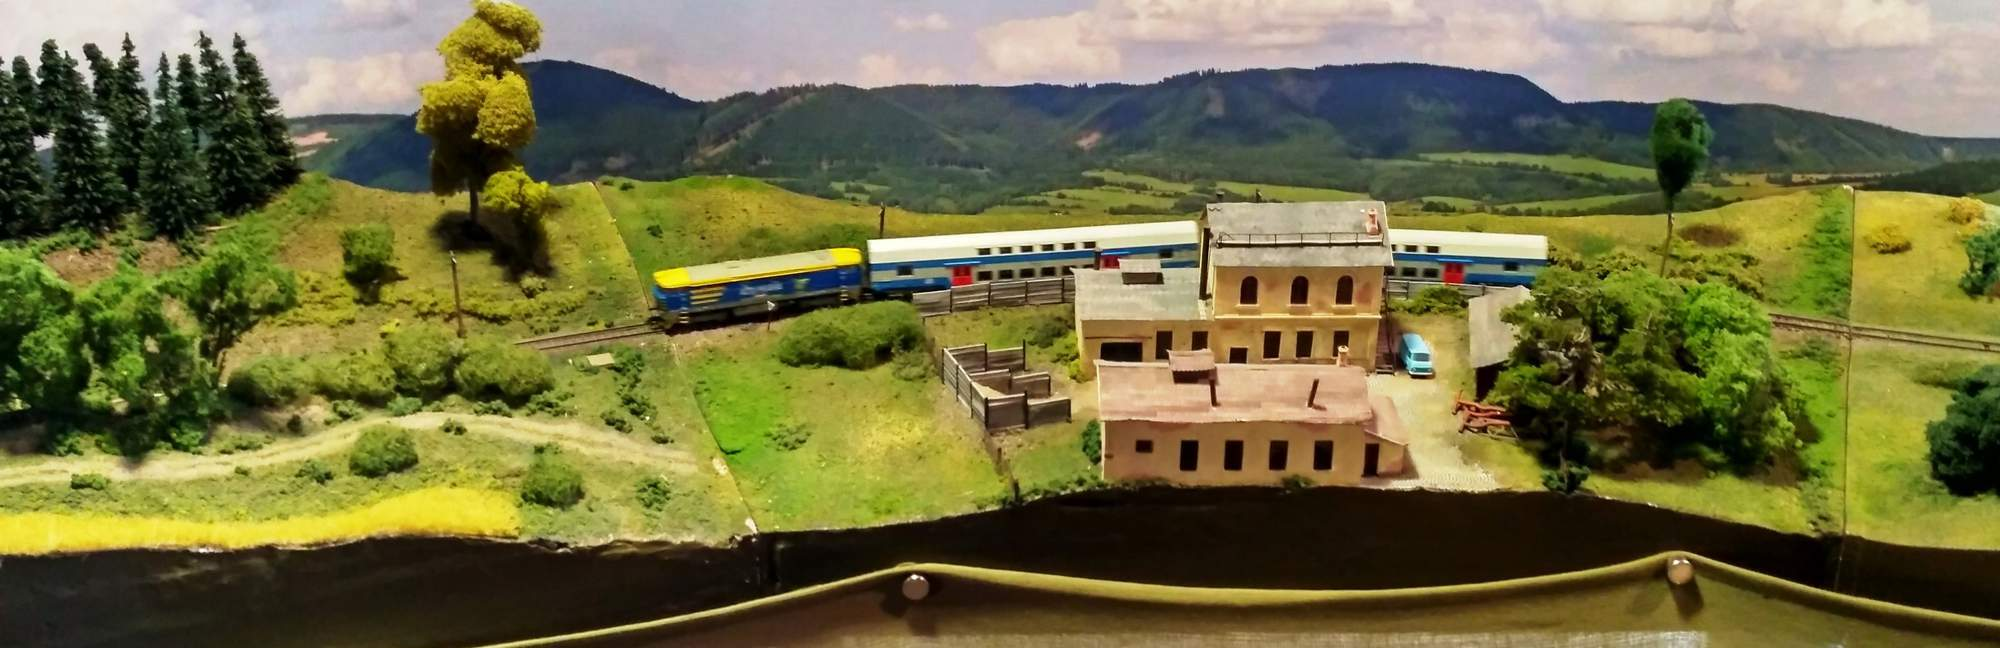 Osobní vlak jedoucí krajinou. Foto: Miroslav Hanus